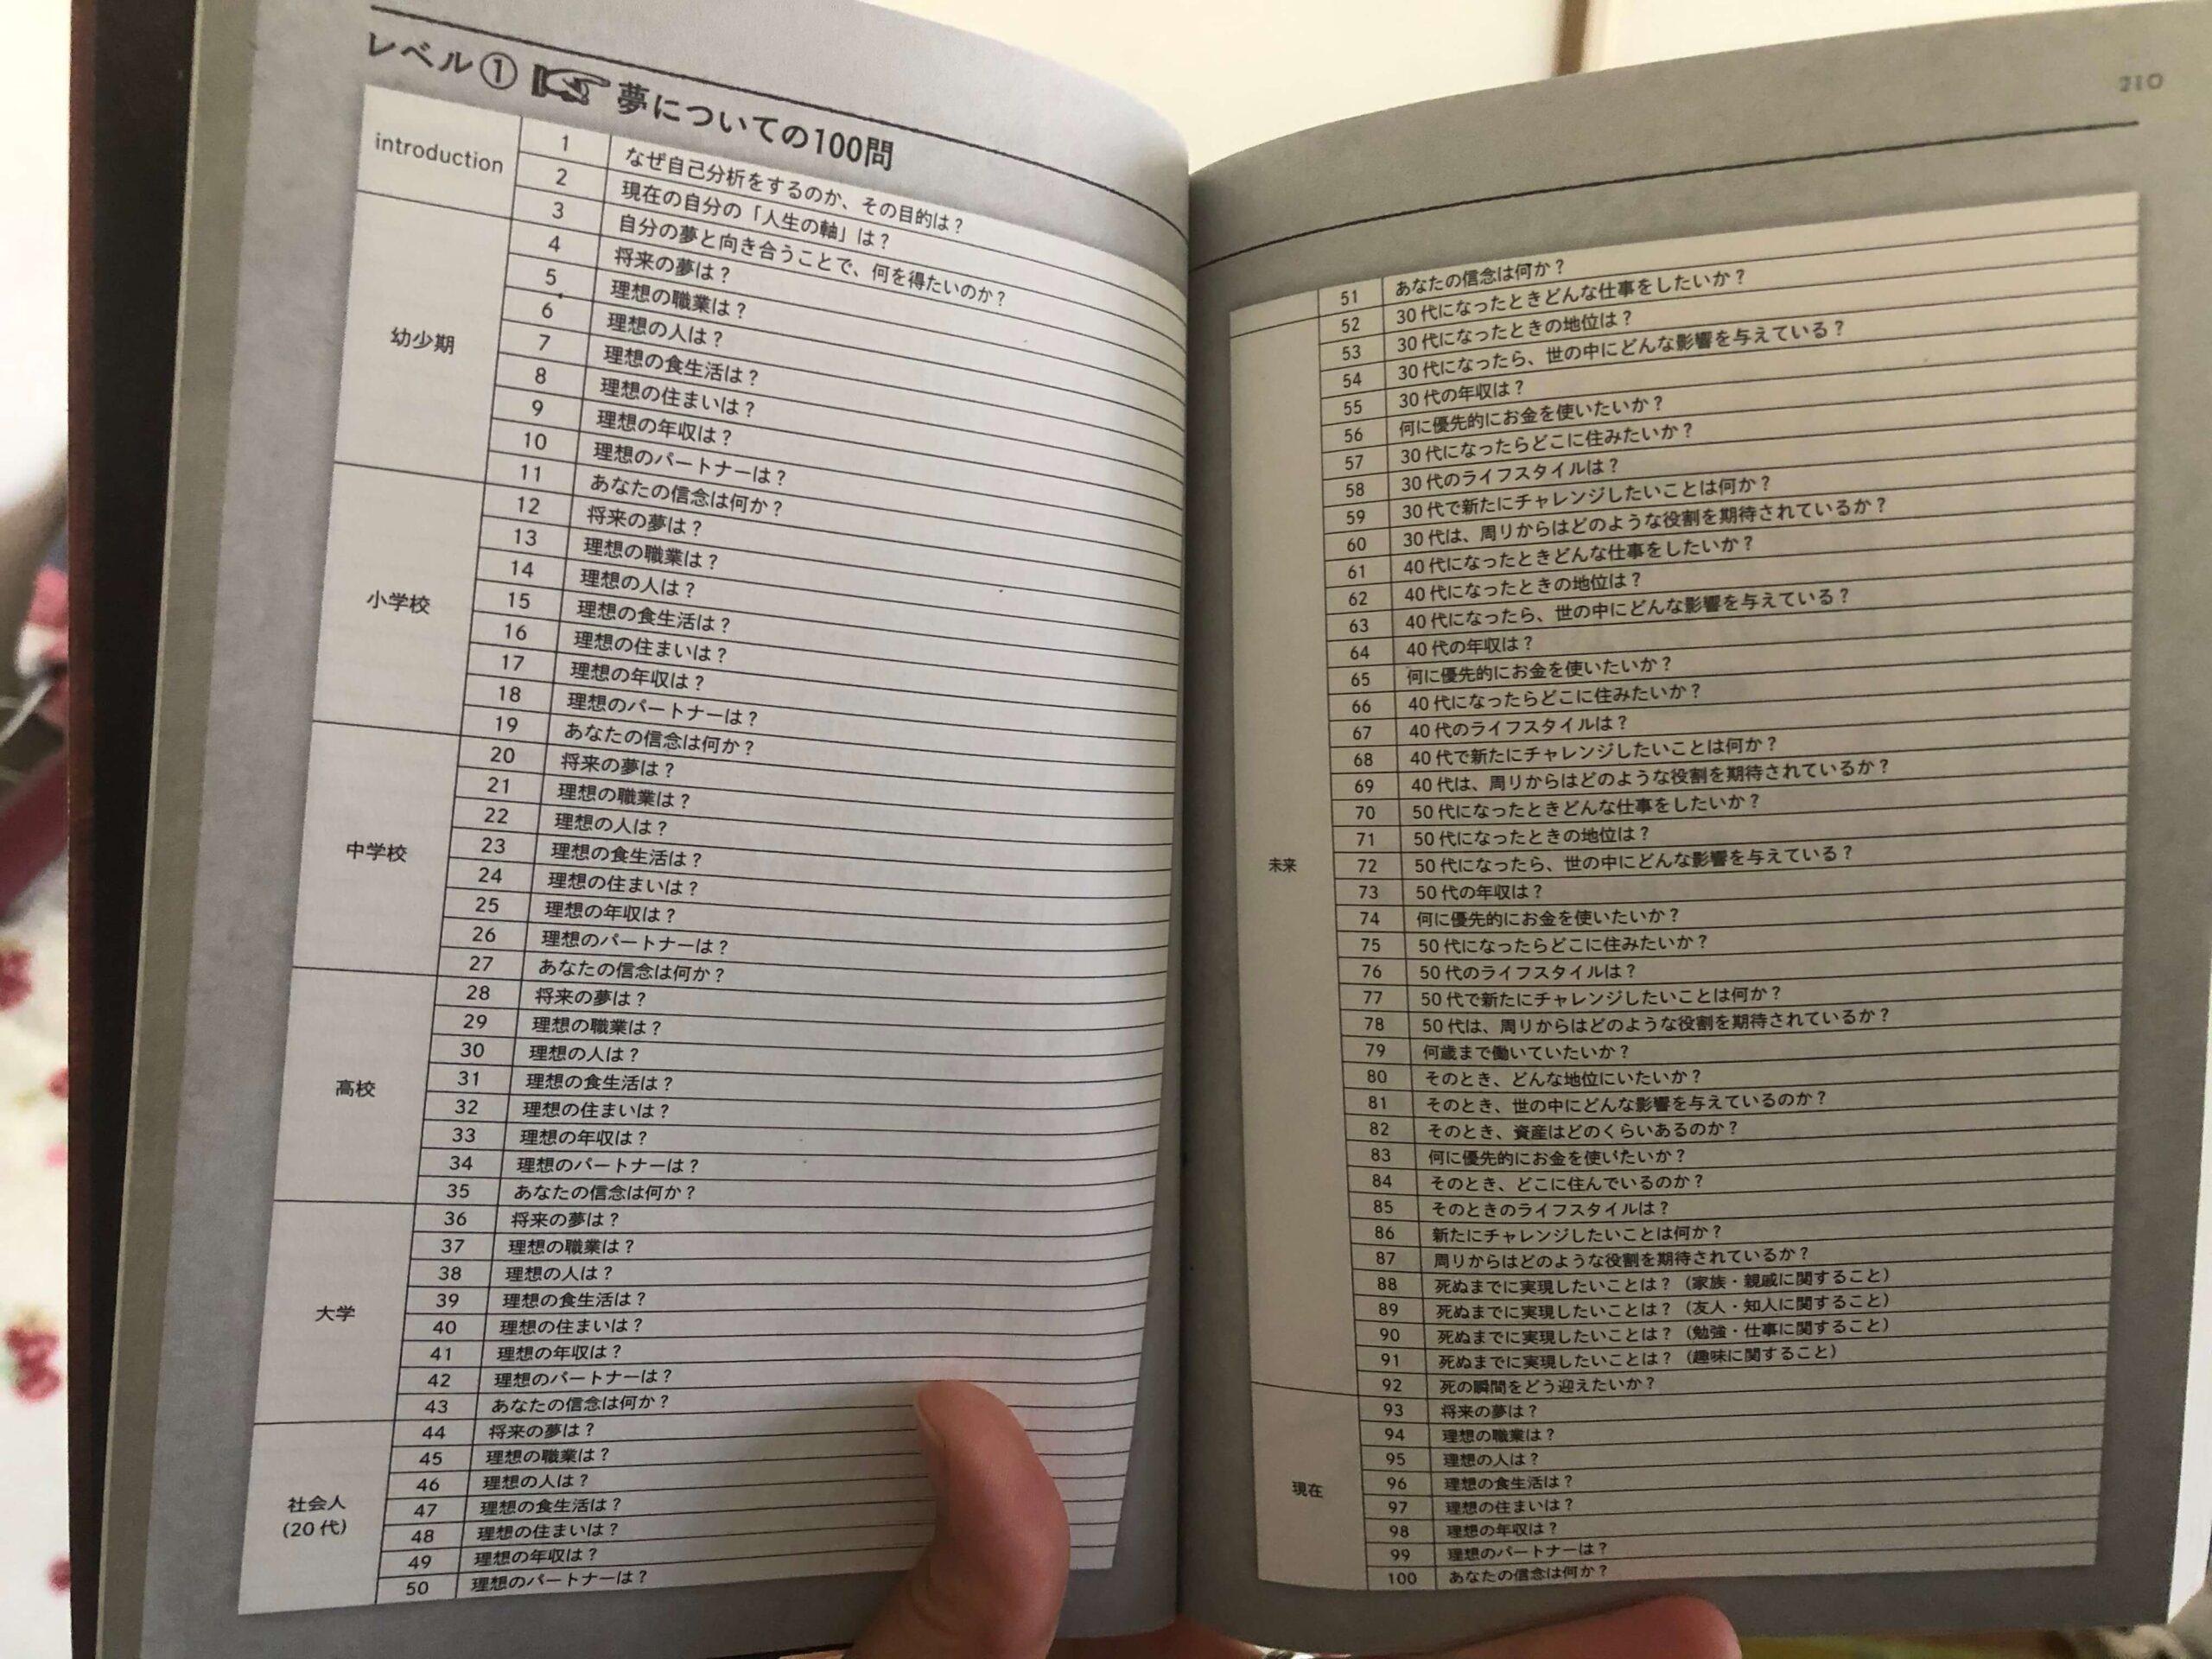 メモの魔力自己分析シート1000紋の質問